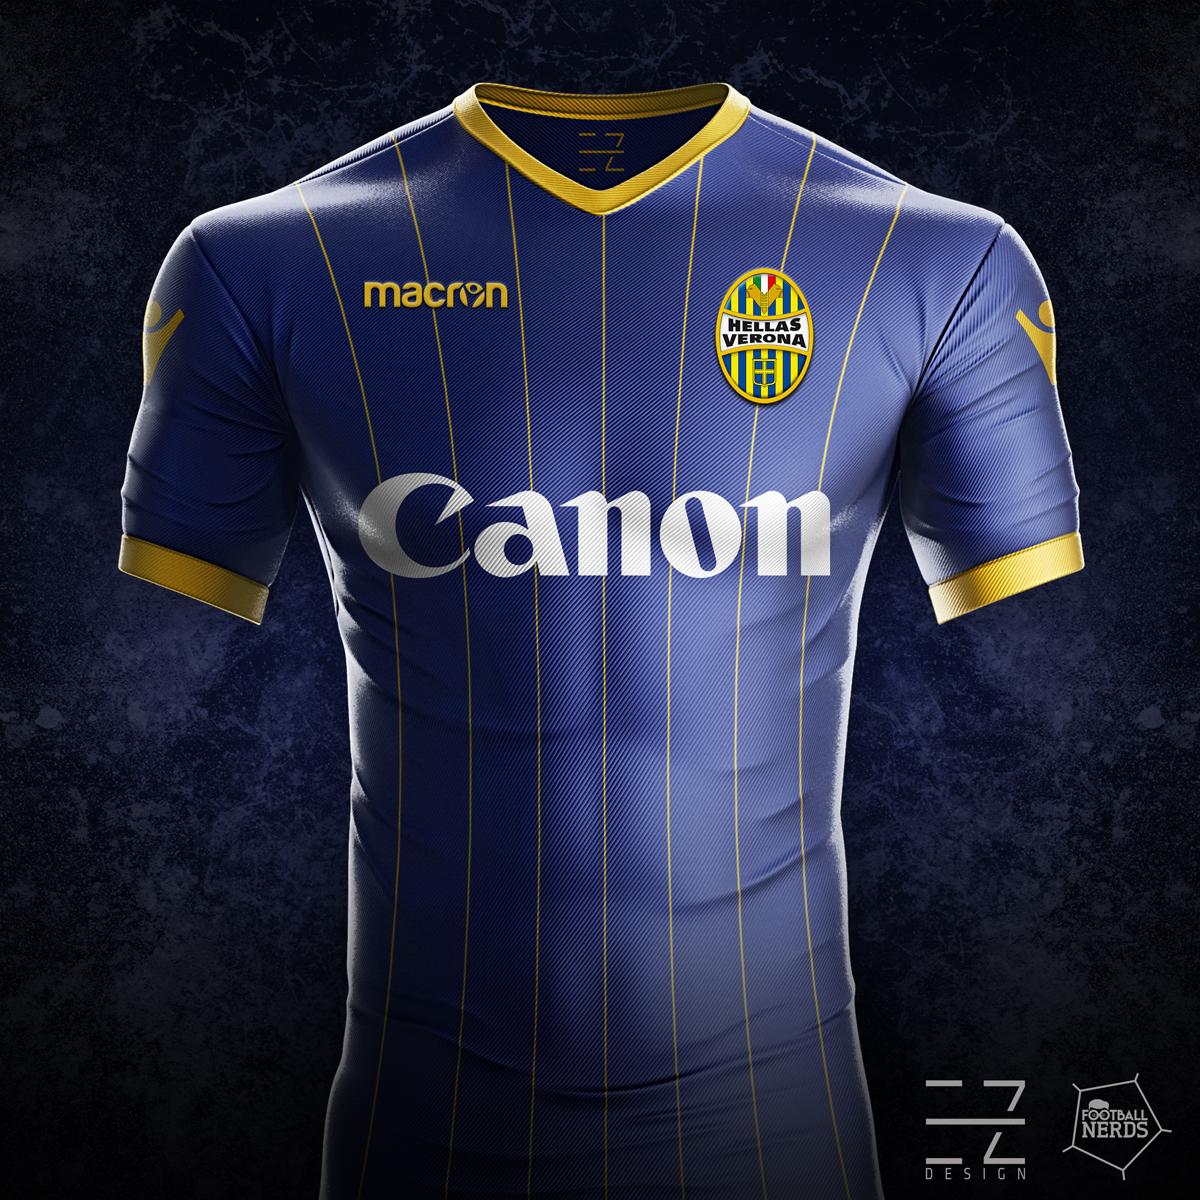 Hellas verona le maglie 2017 18 vs i concept di ez design for Uniform verona